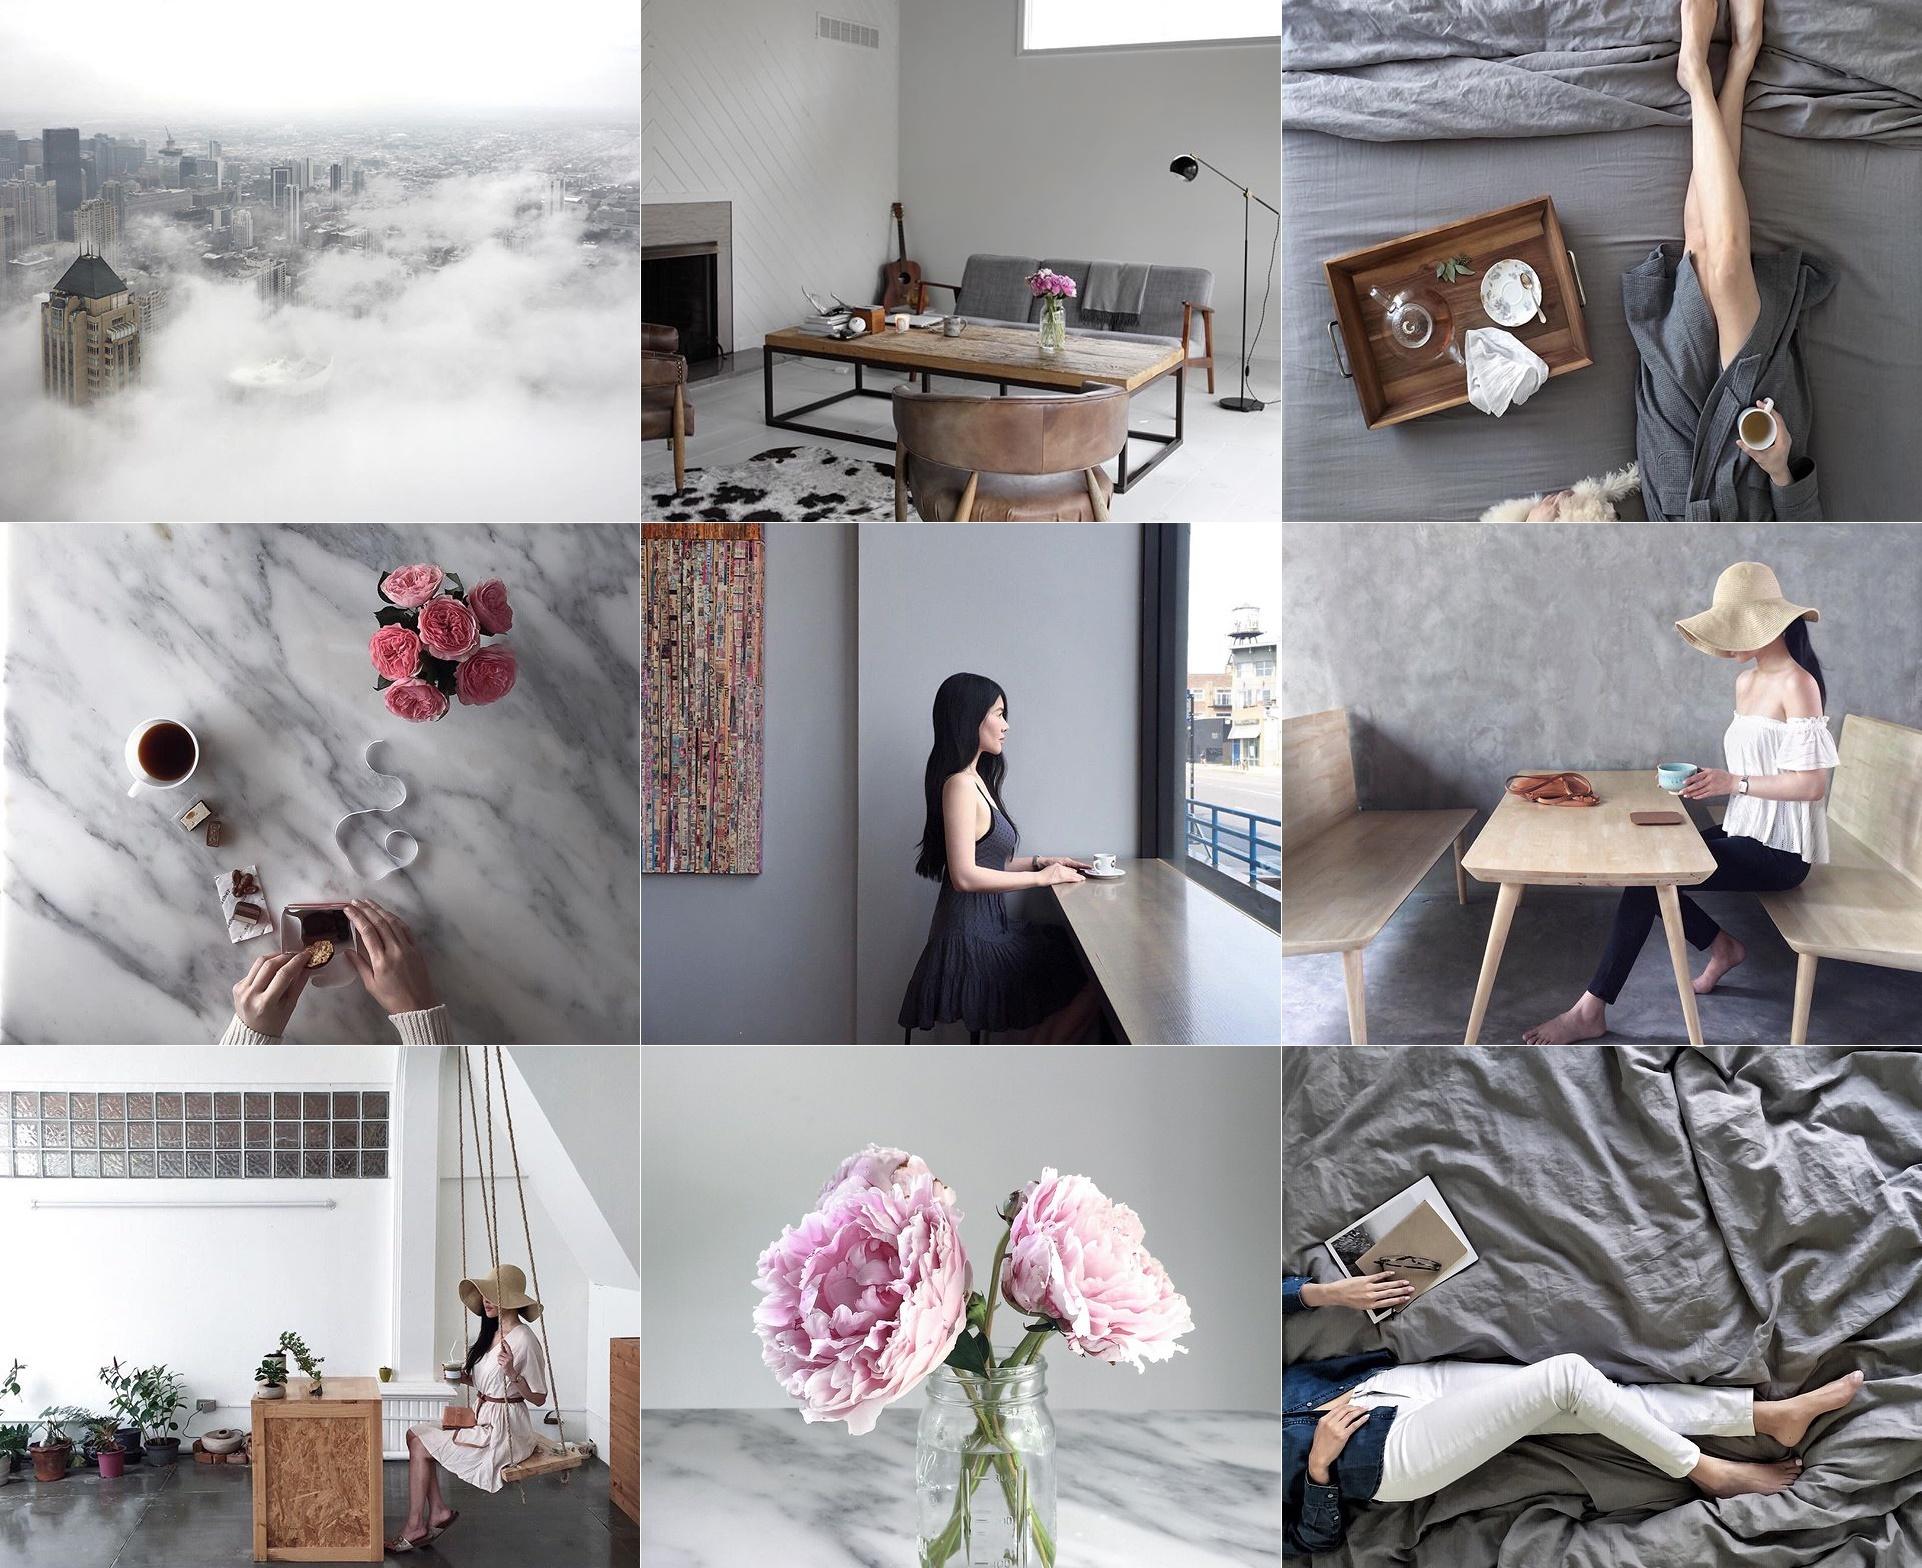 cliques-perfeitos-no-instagram-0